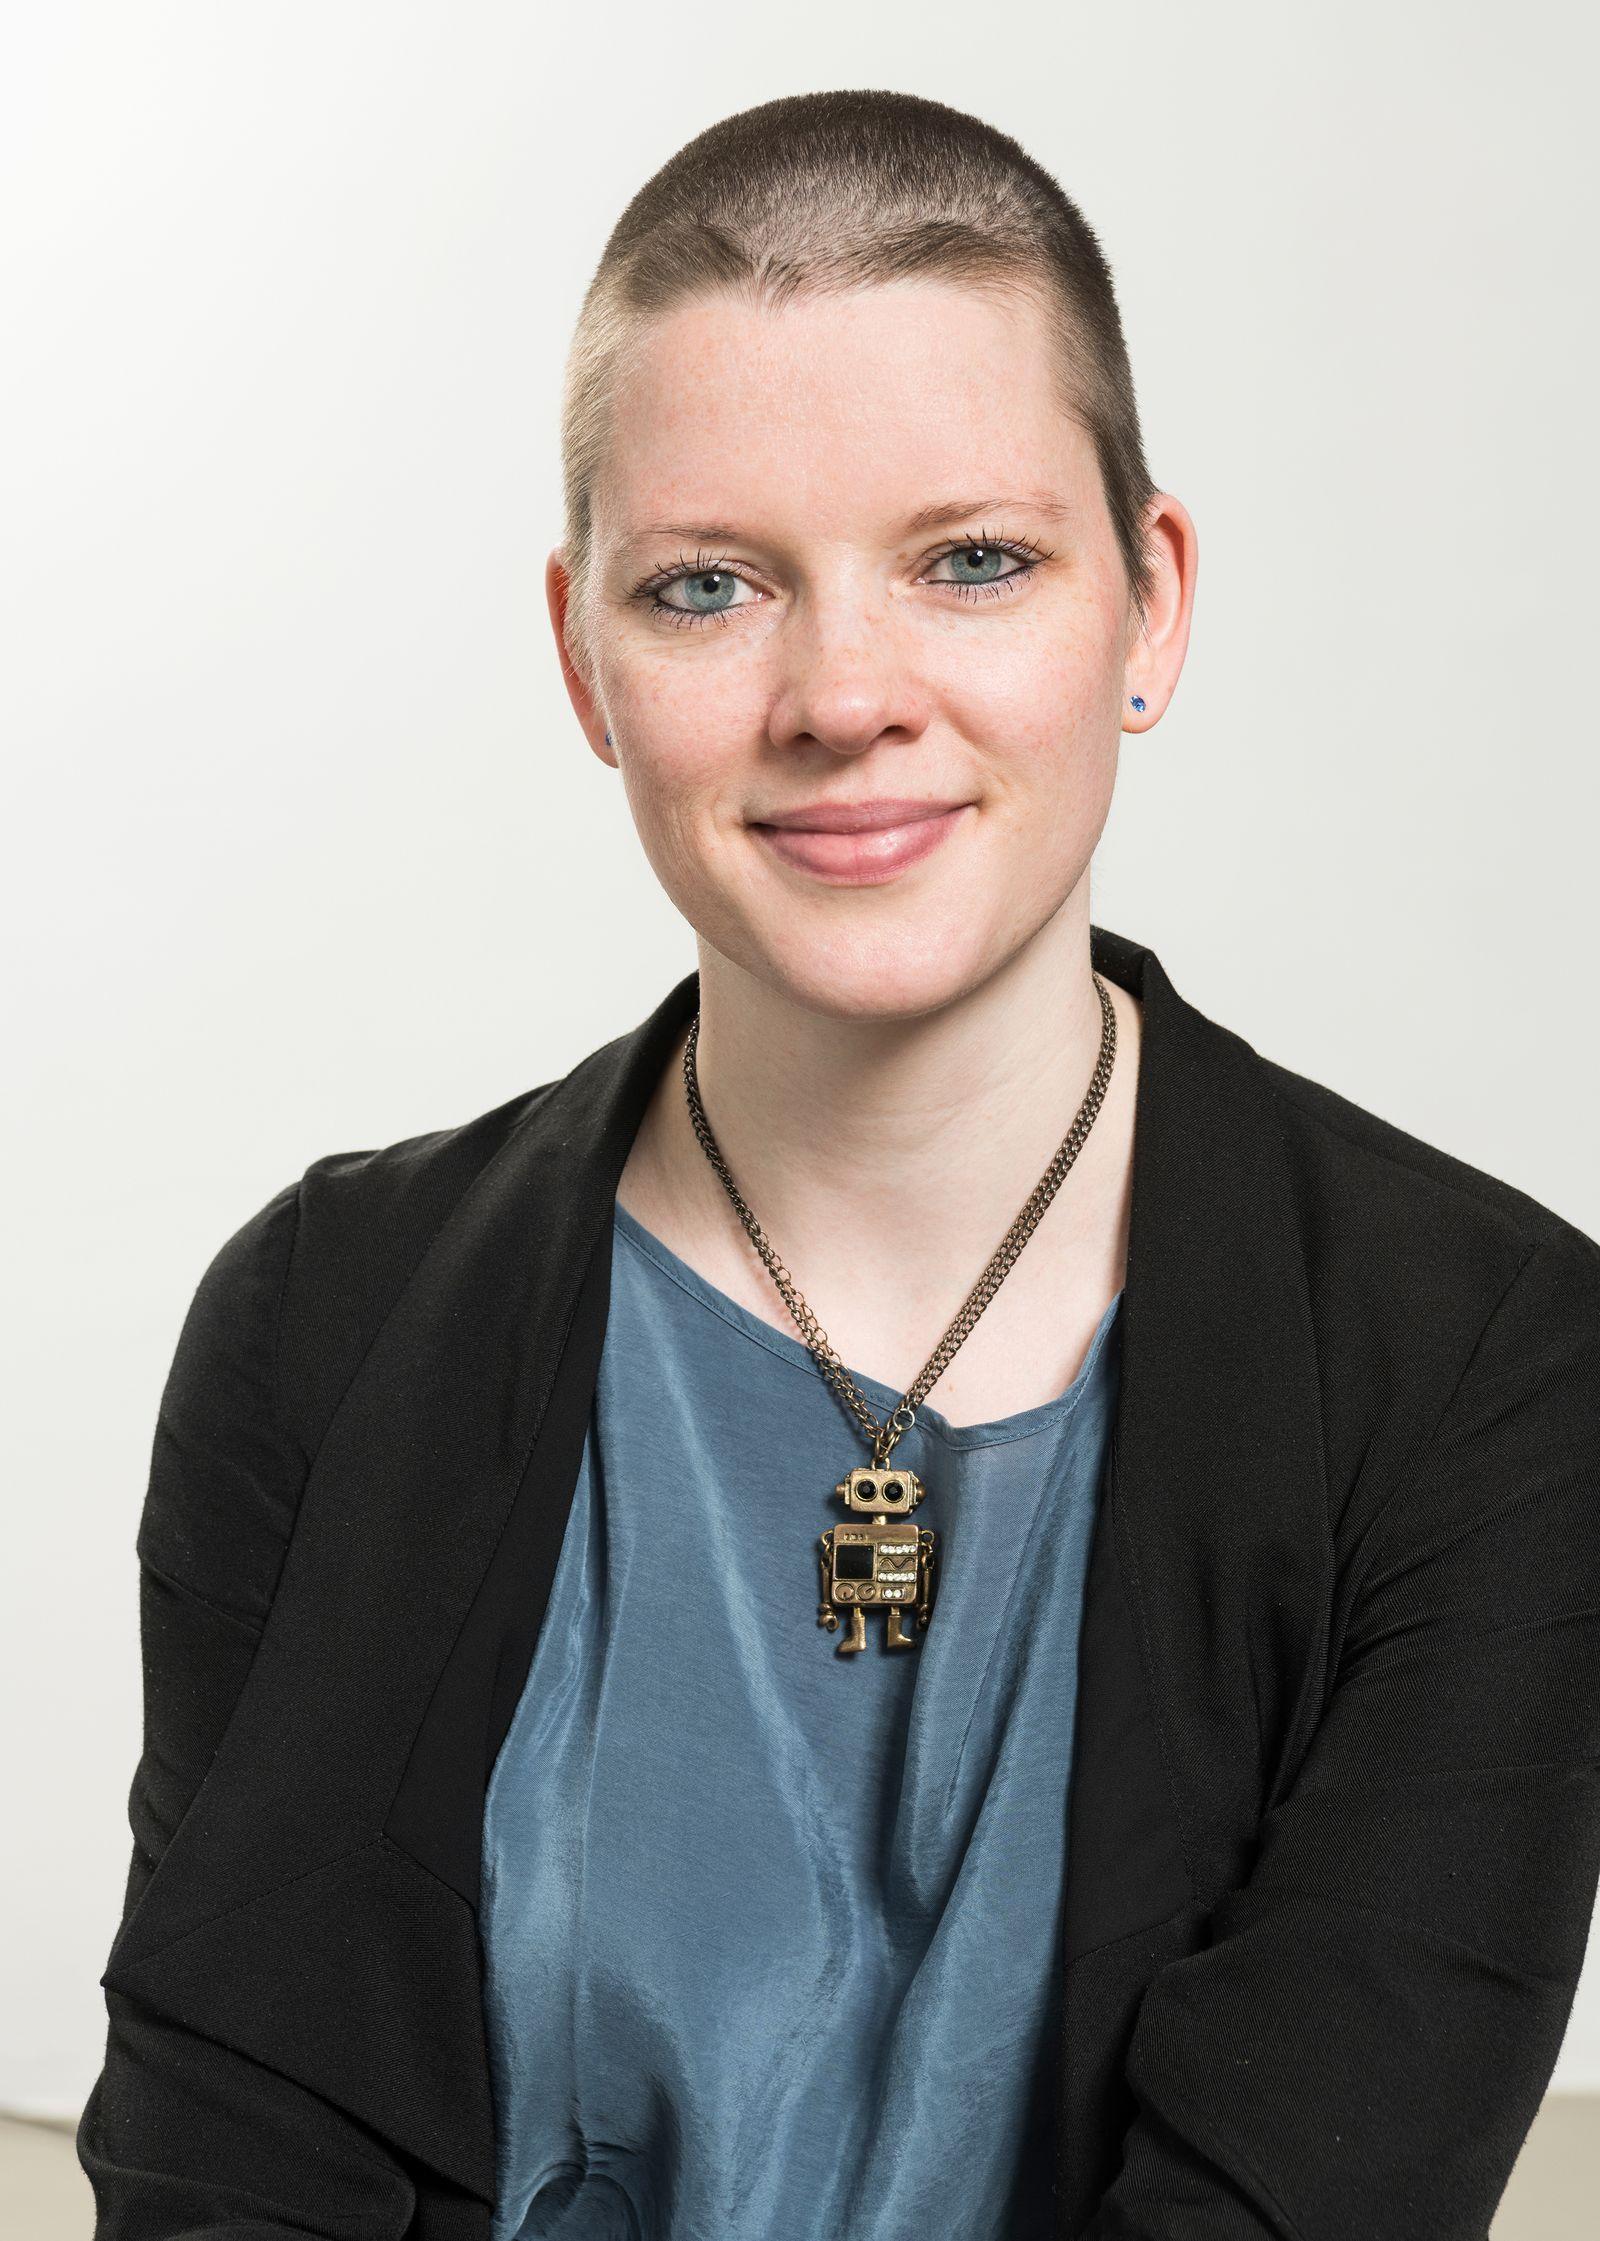 Janina Loh